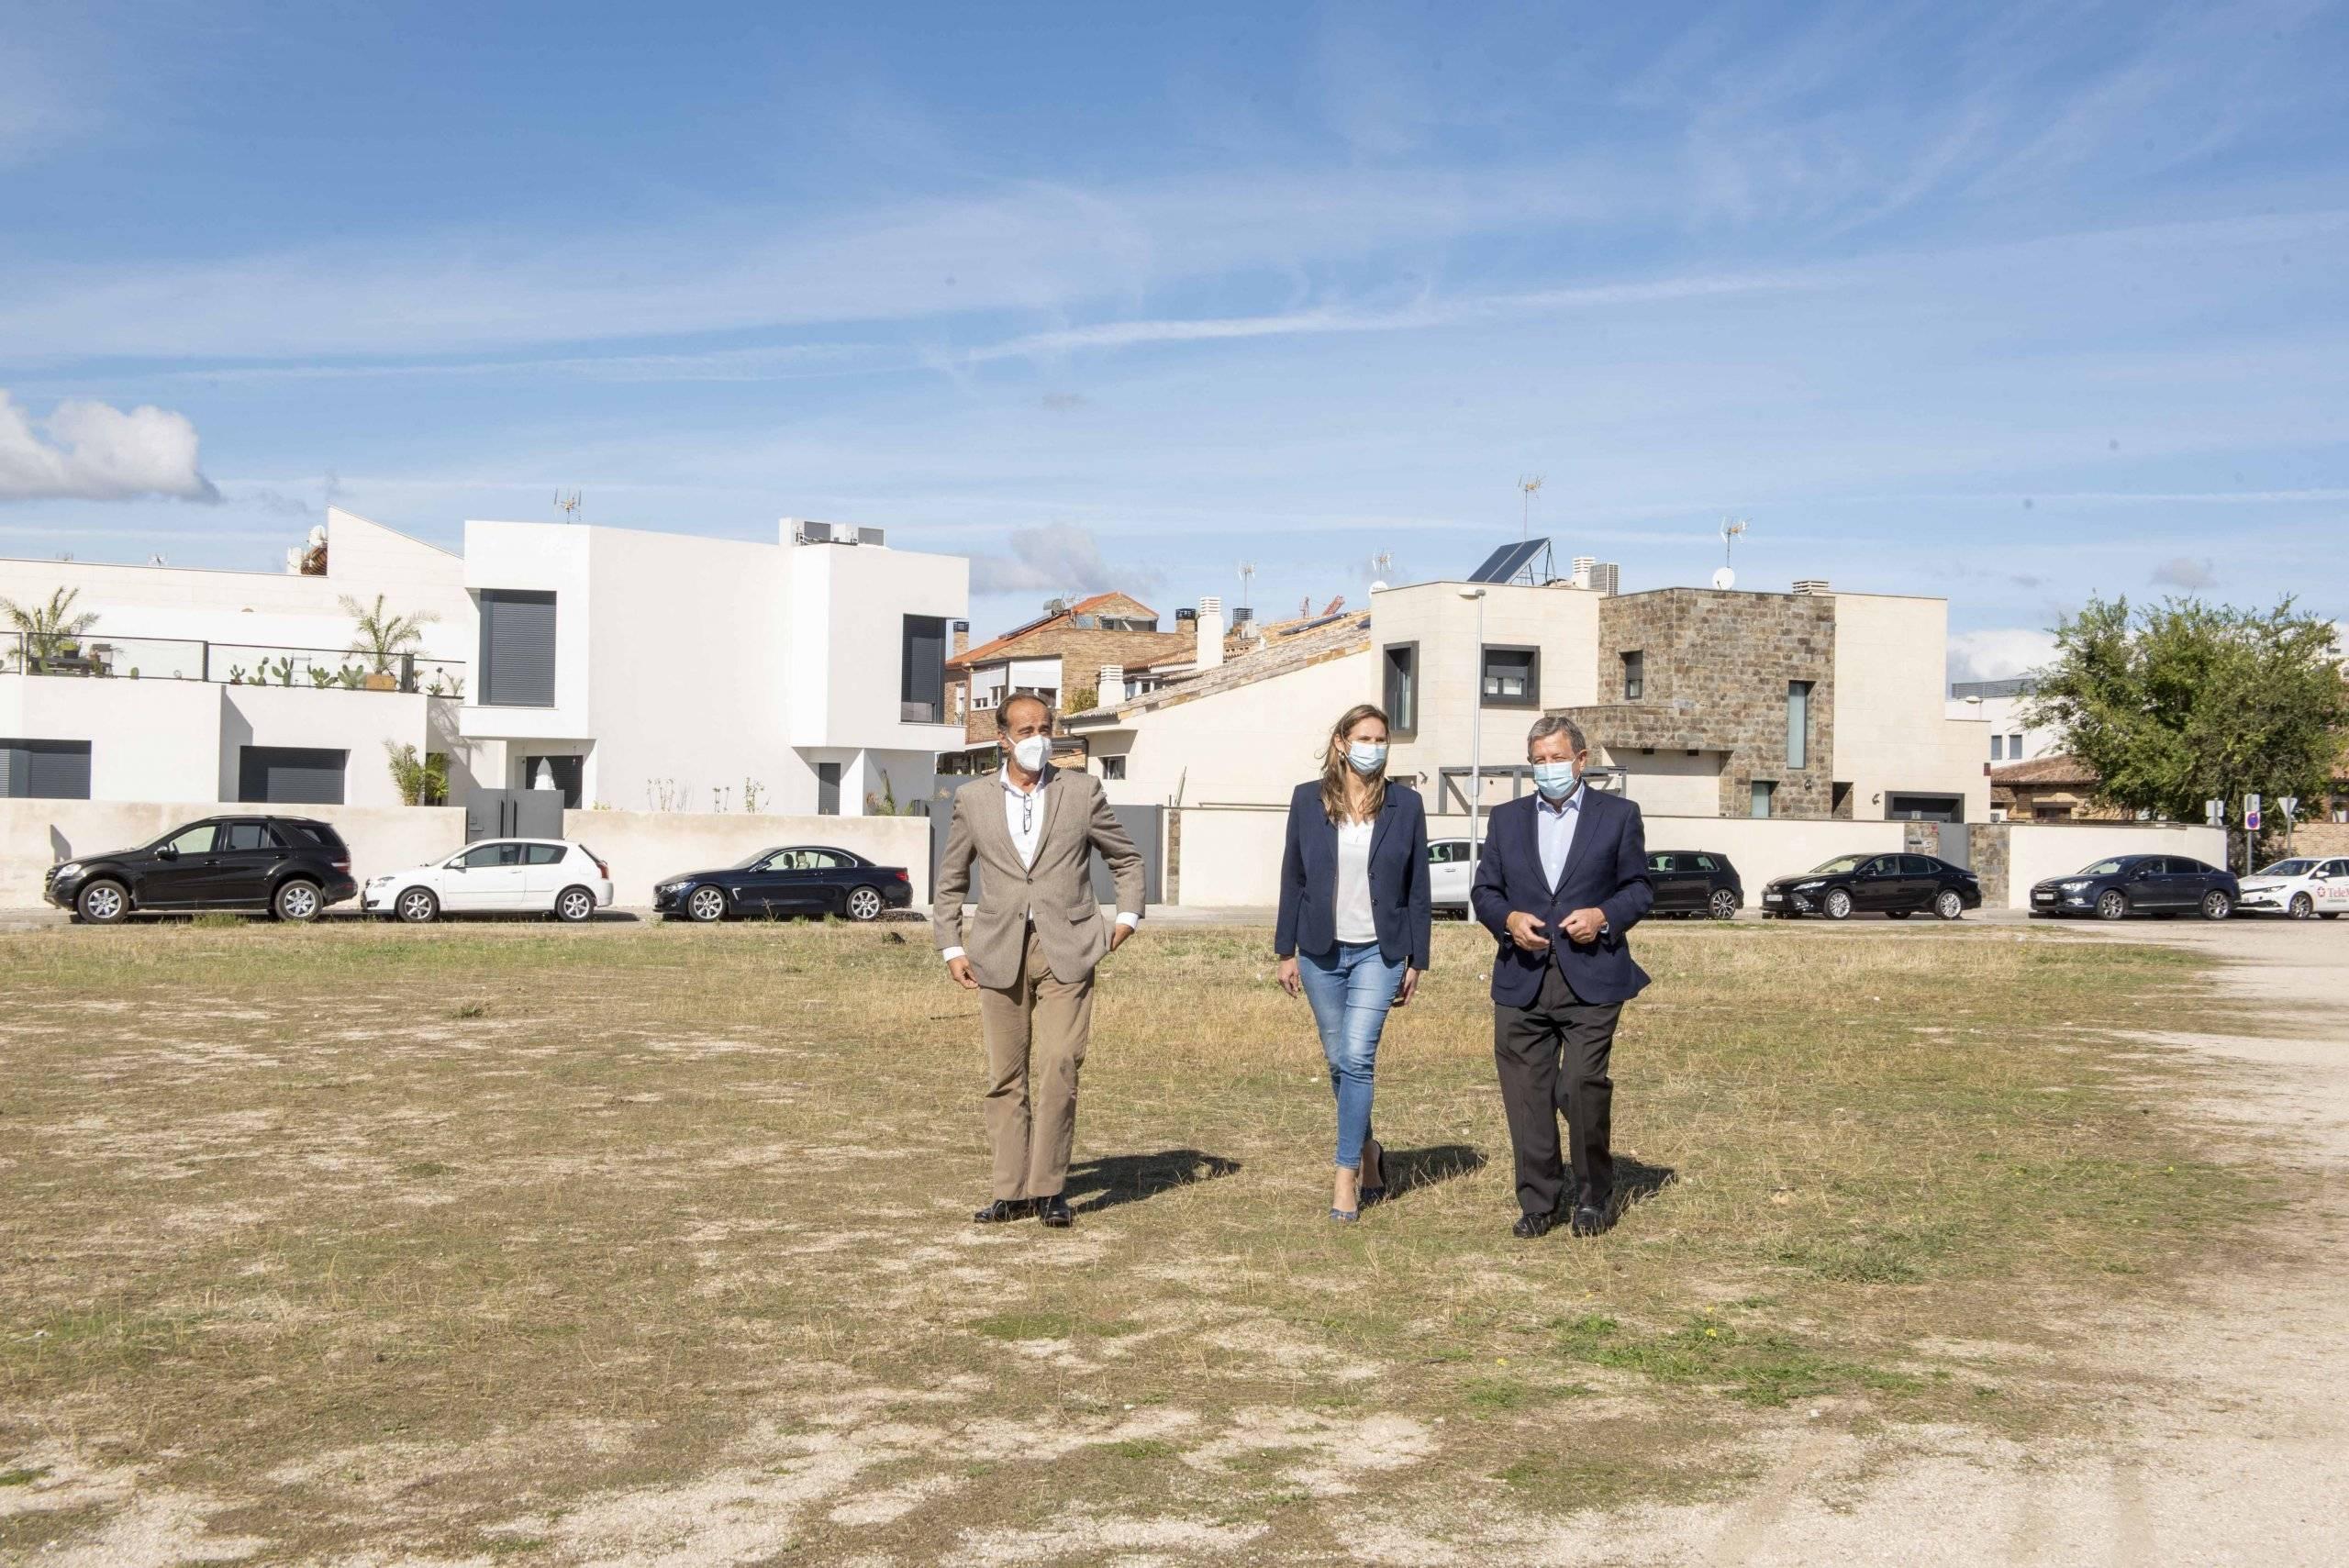 La consejera de Medio Ambiente, el alcalde y el director general del Suelo, visitando una parcela municipal.